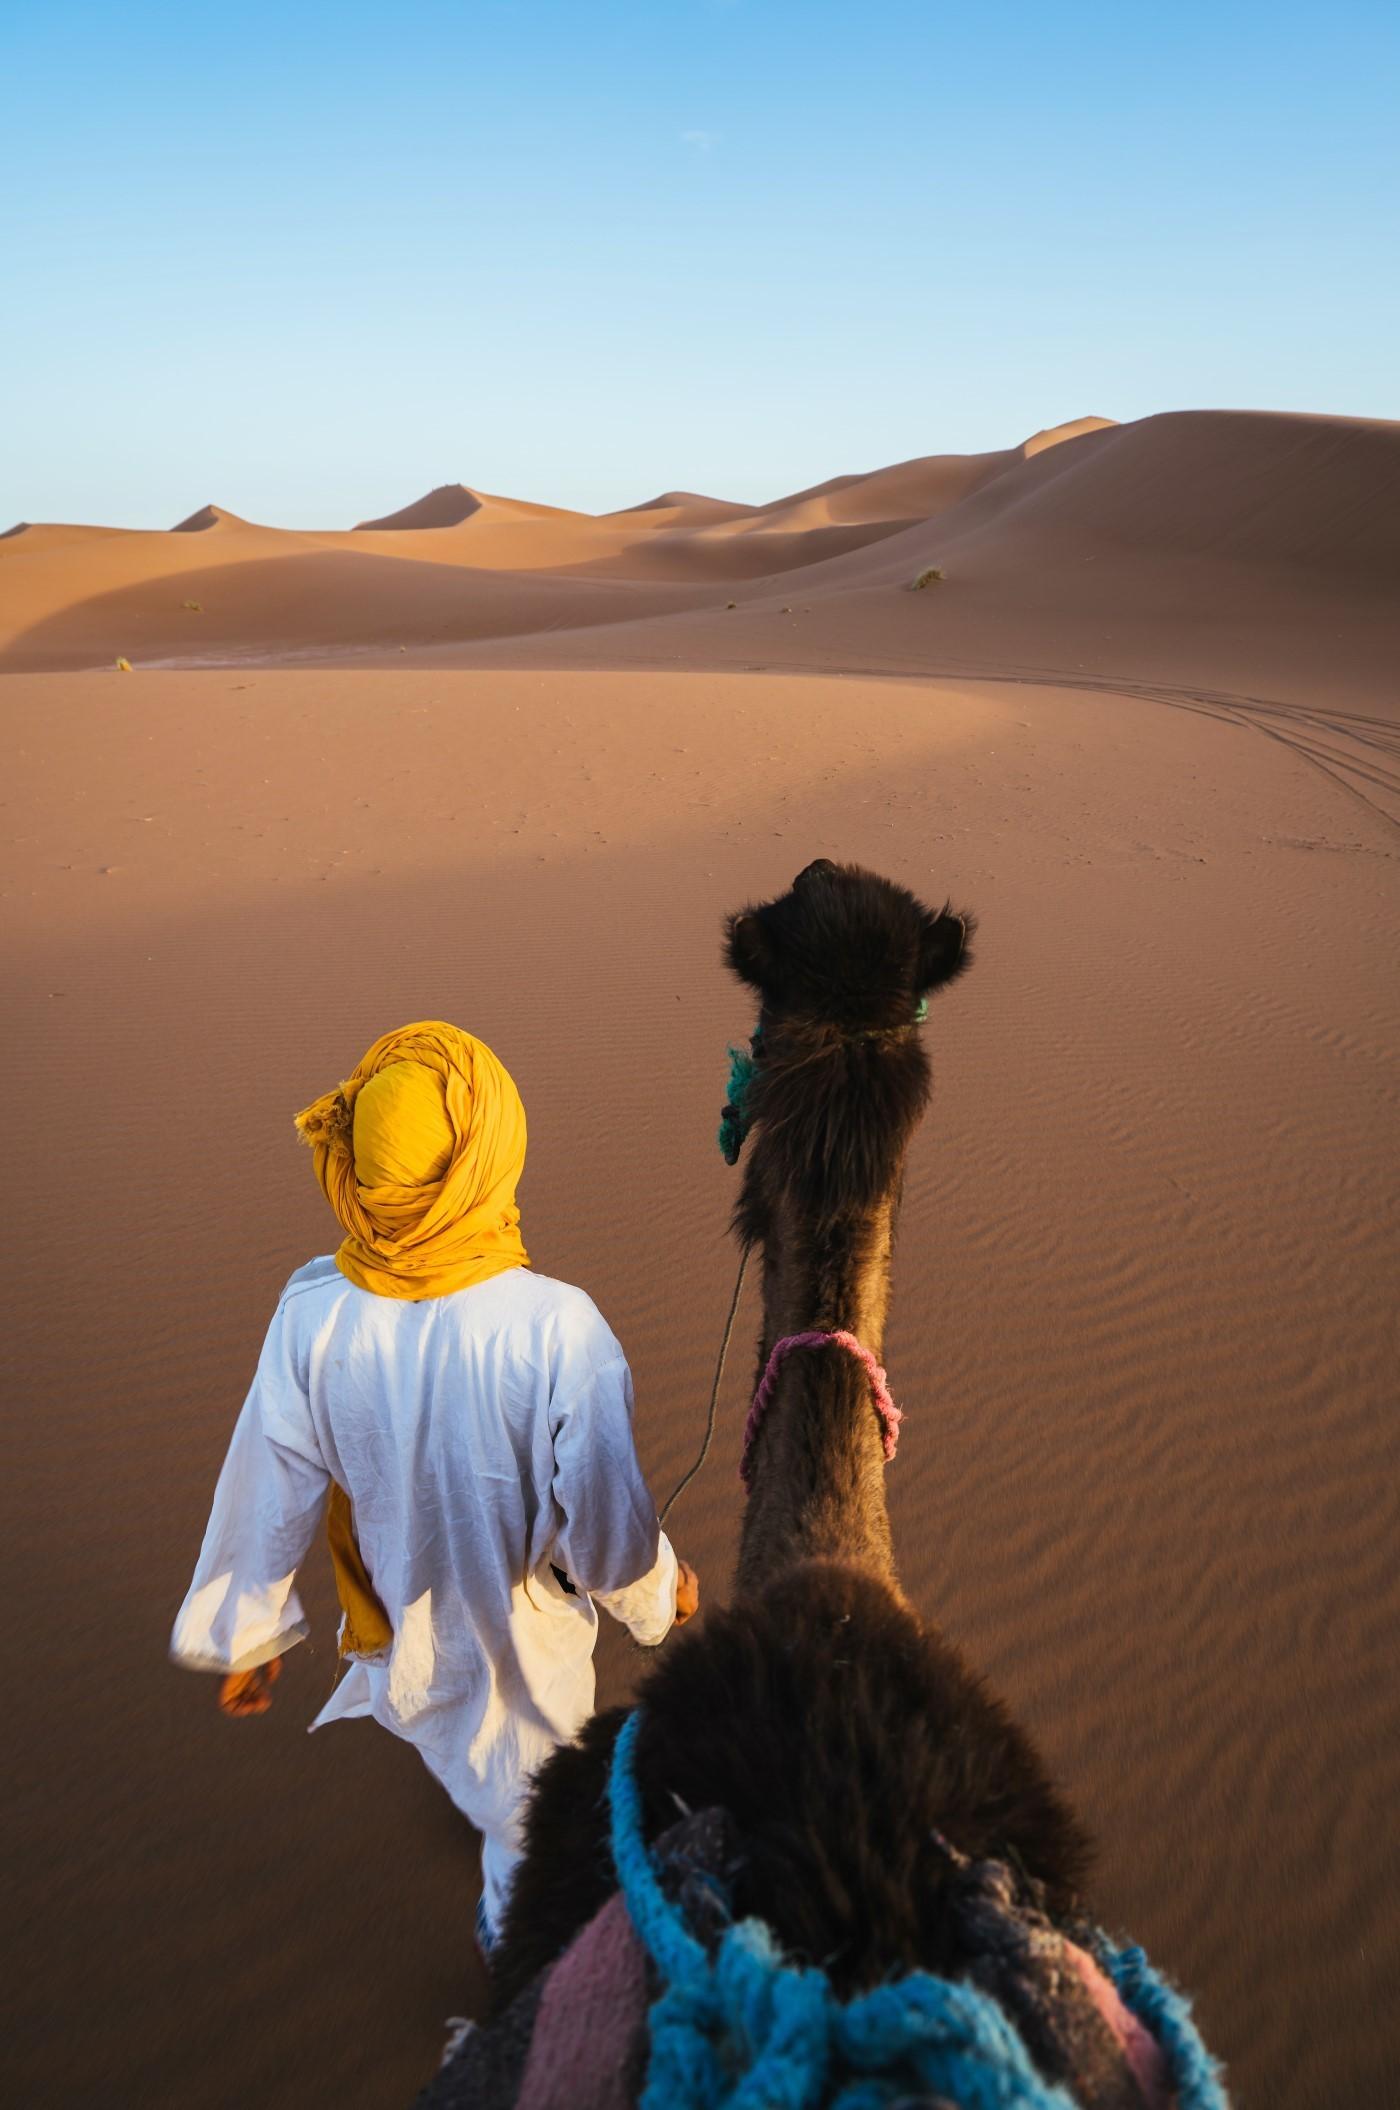 Kamelsafari guide 1400-2110 Marsa Alam Abenteuer